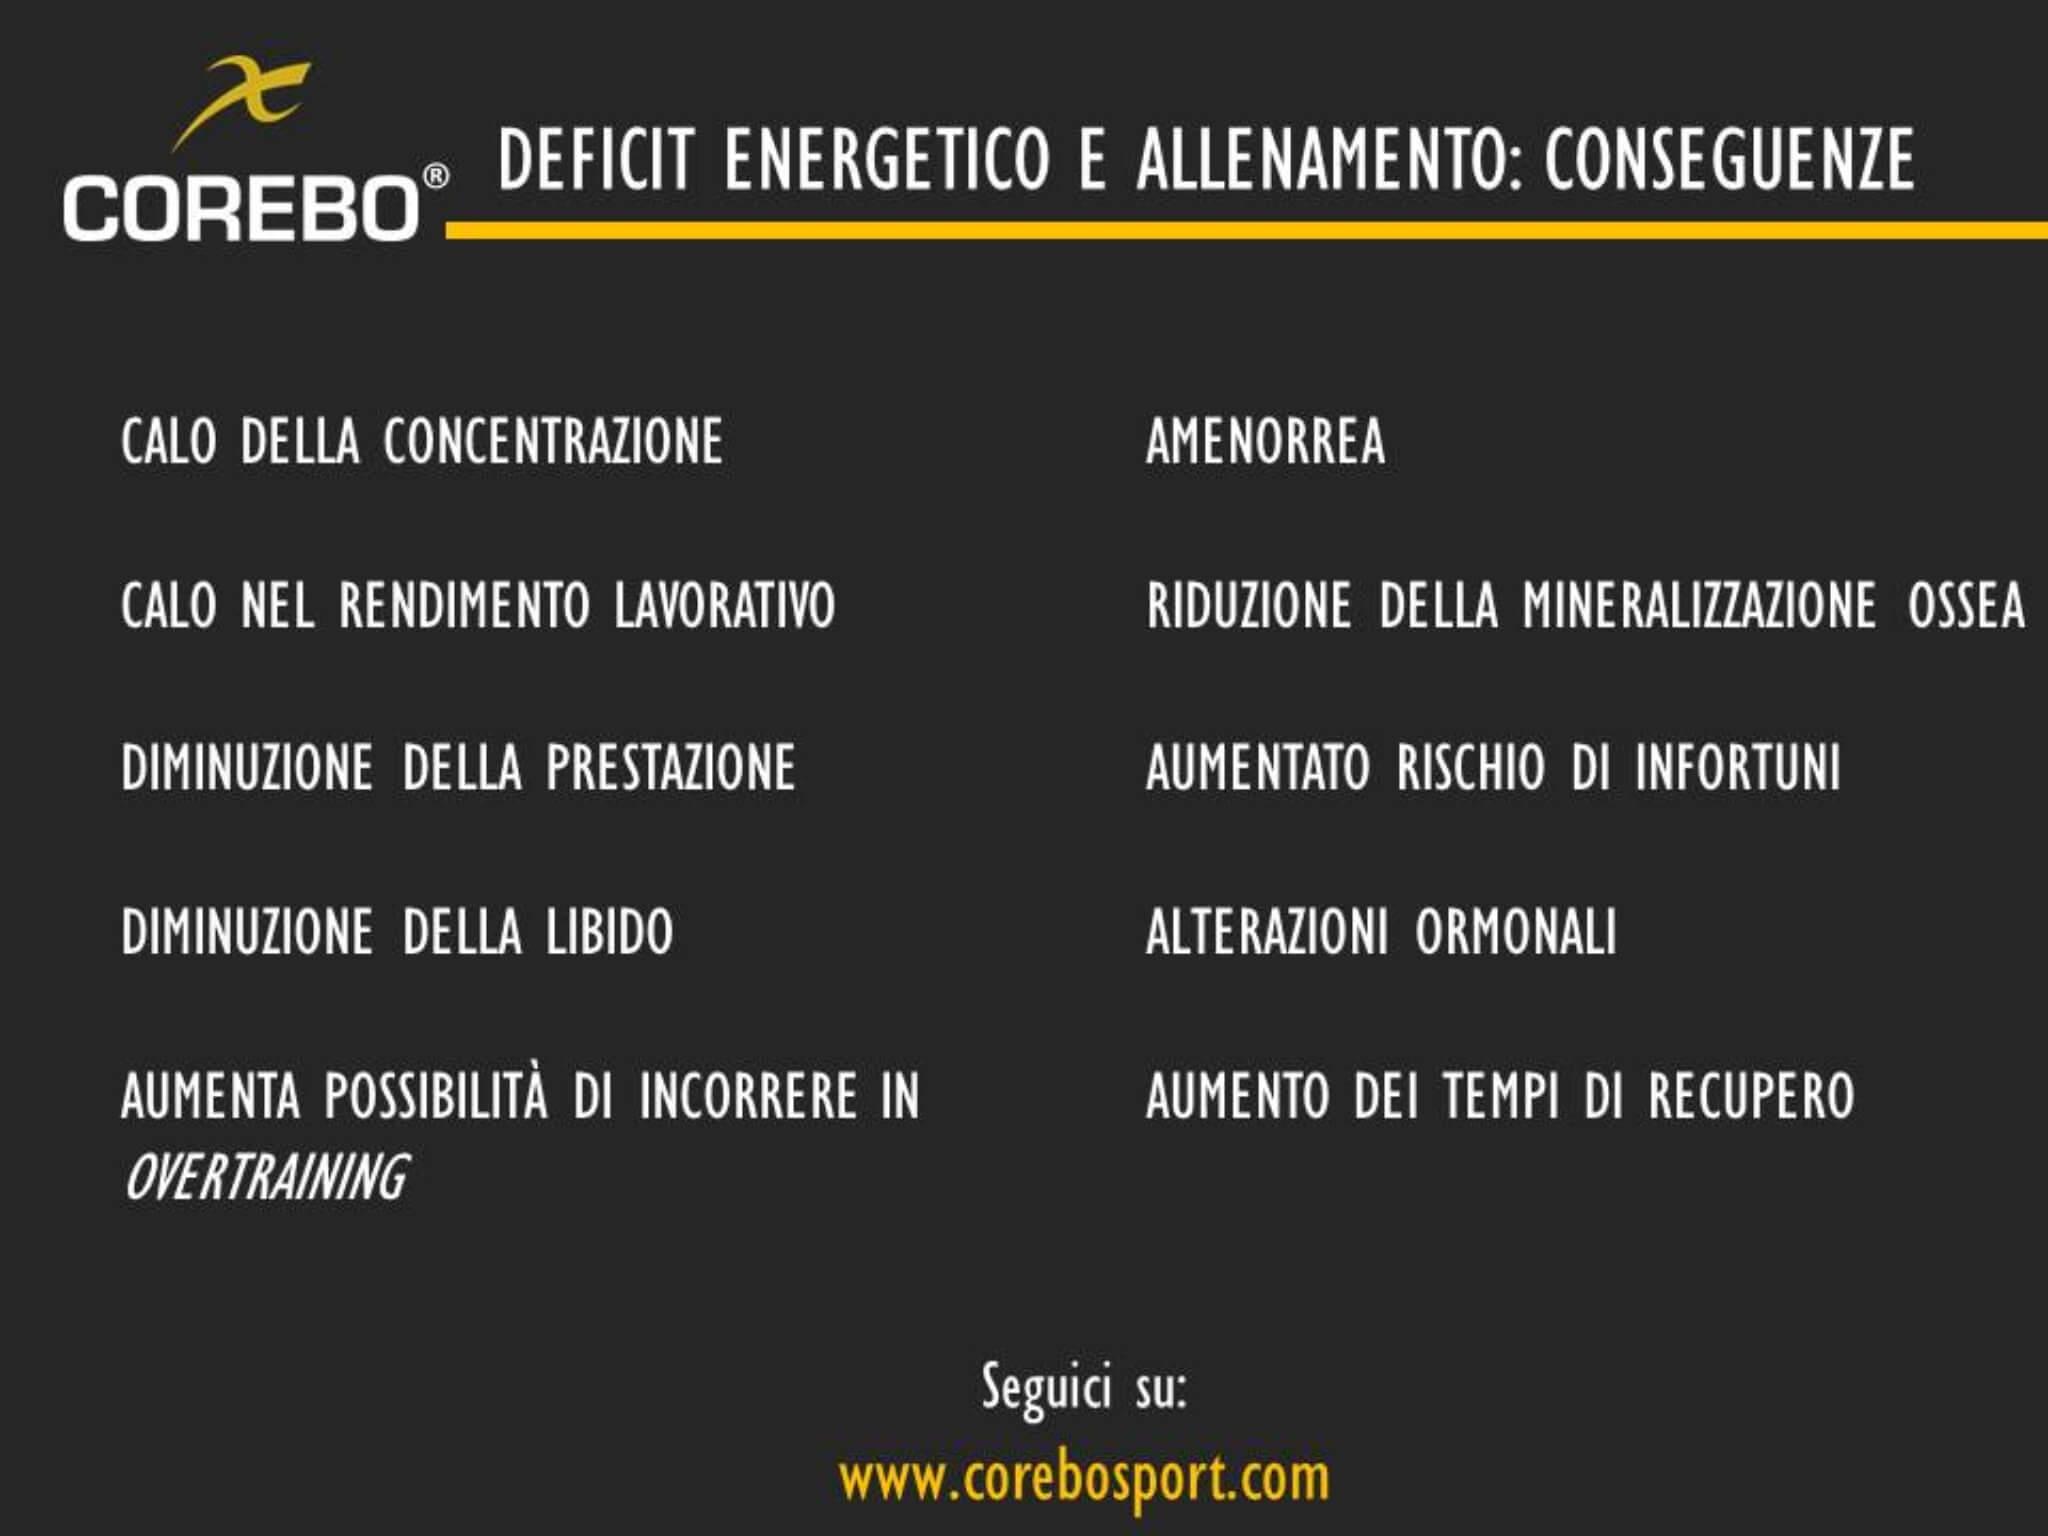 deficit energetico e allenamento